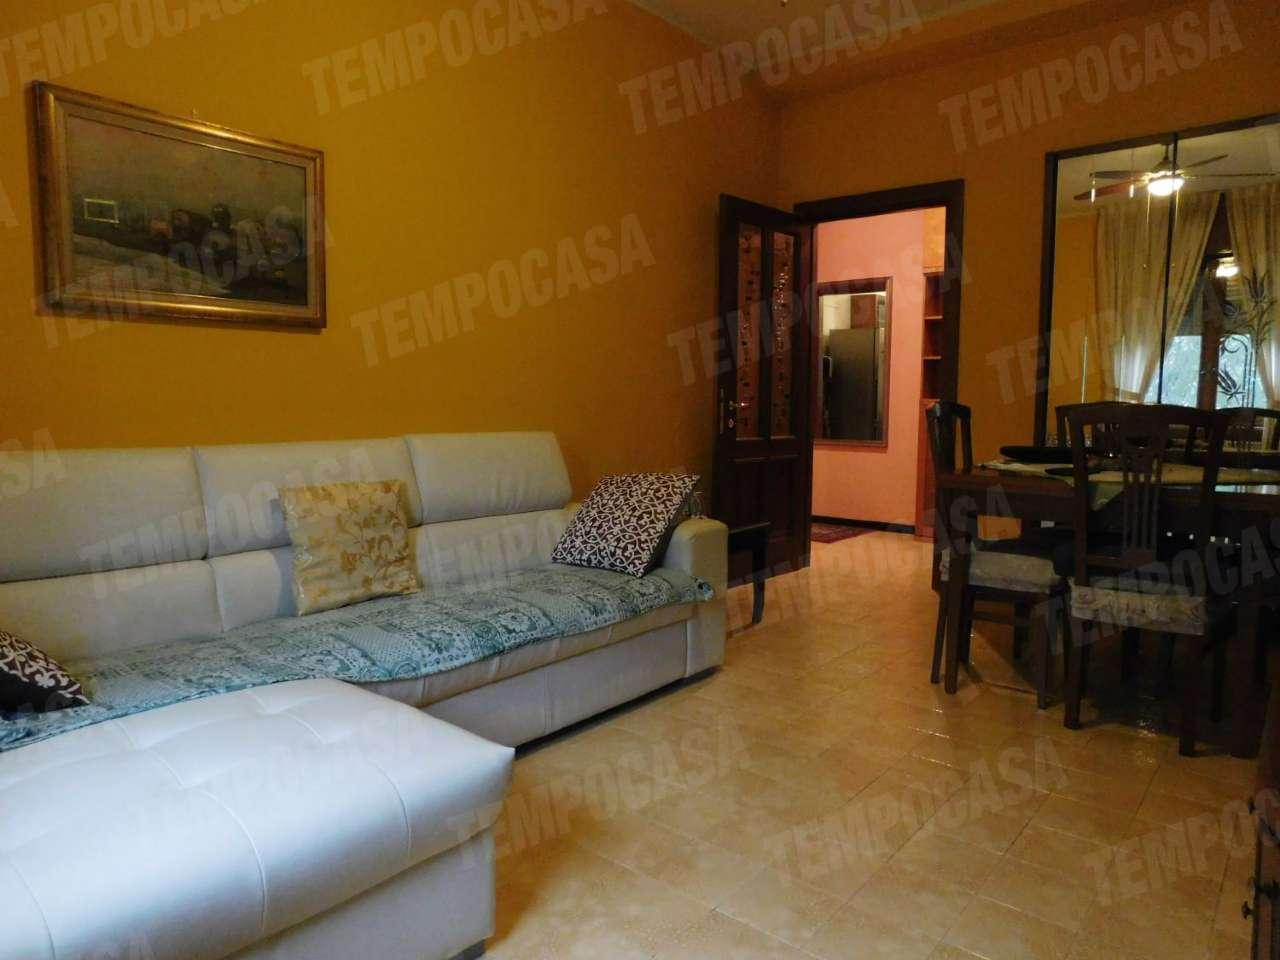 Appartamento in vendita a Buccinasco, 3 locali, prezzo € 159.000 | CambioCasa.it